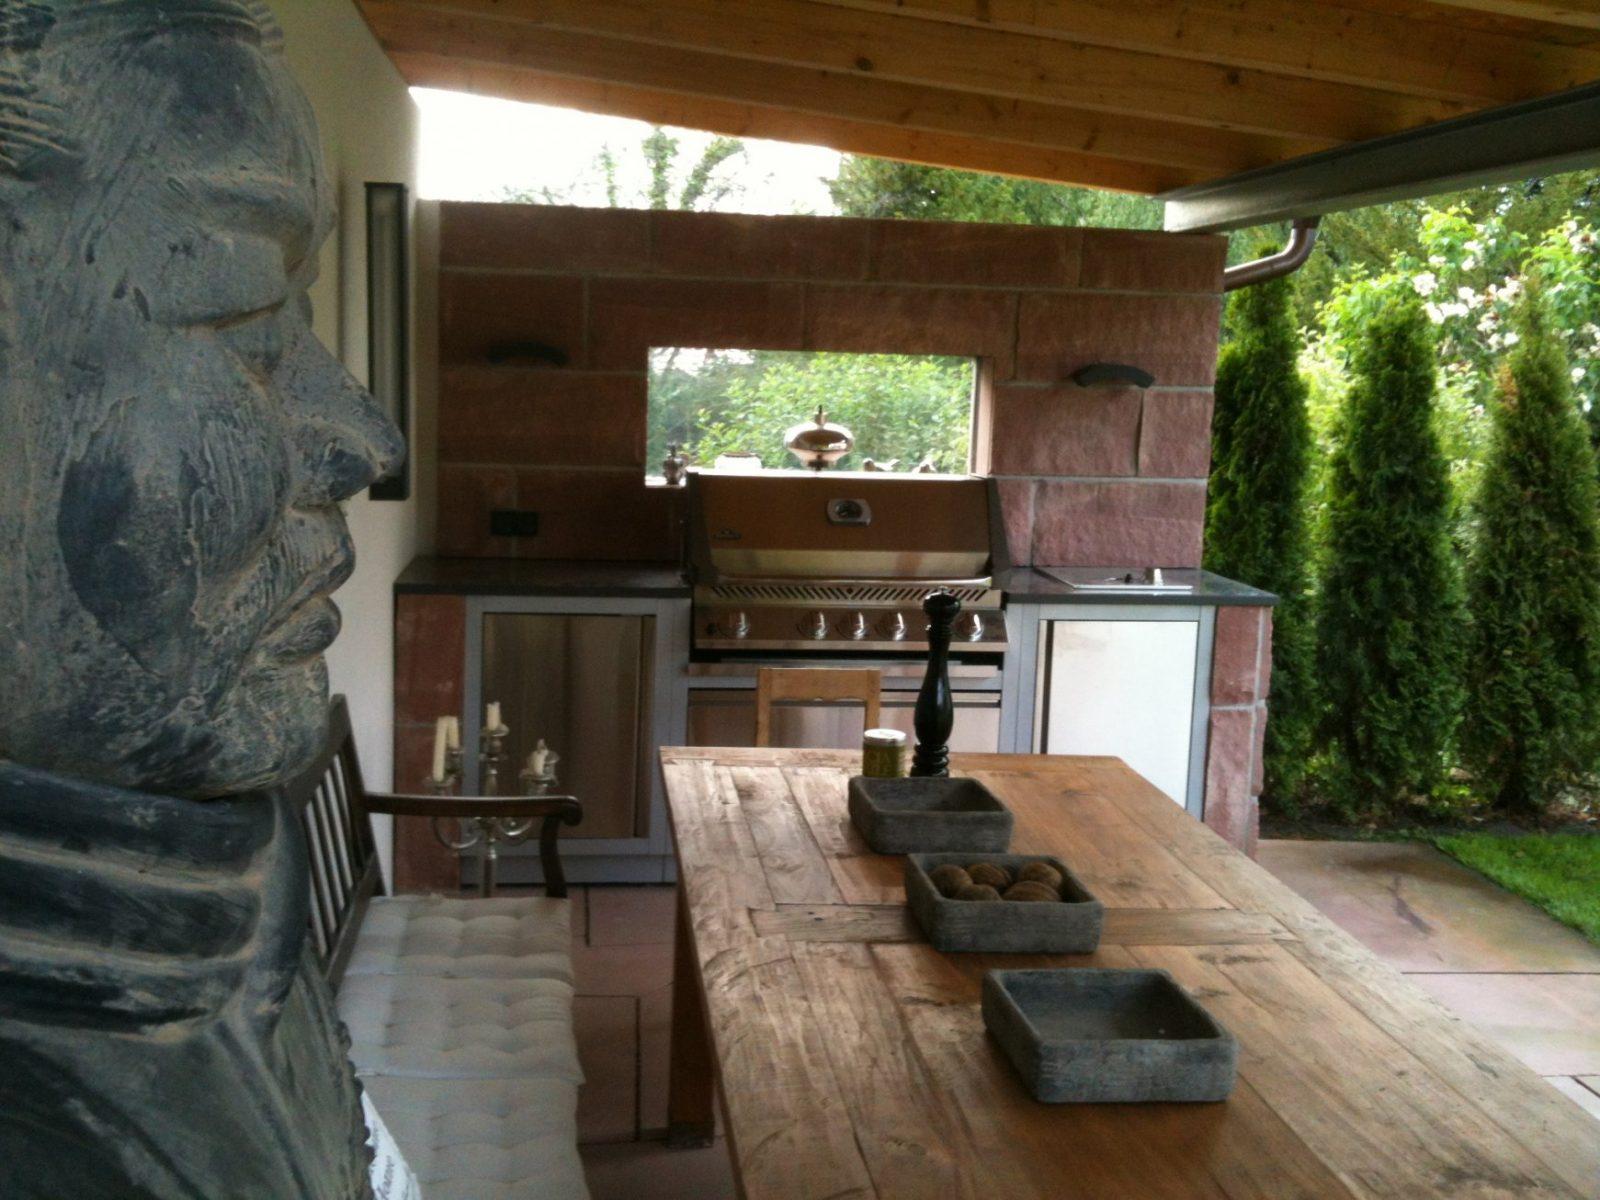 Gartenküche Mit Dem Oasis System Von Napoleon von Gartenküche Selber Bauen Bild